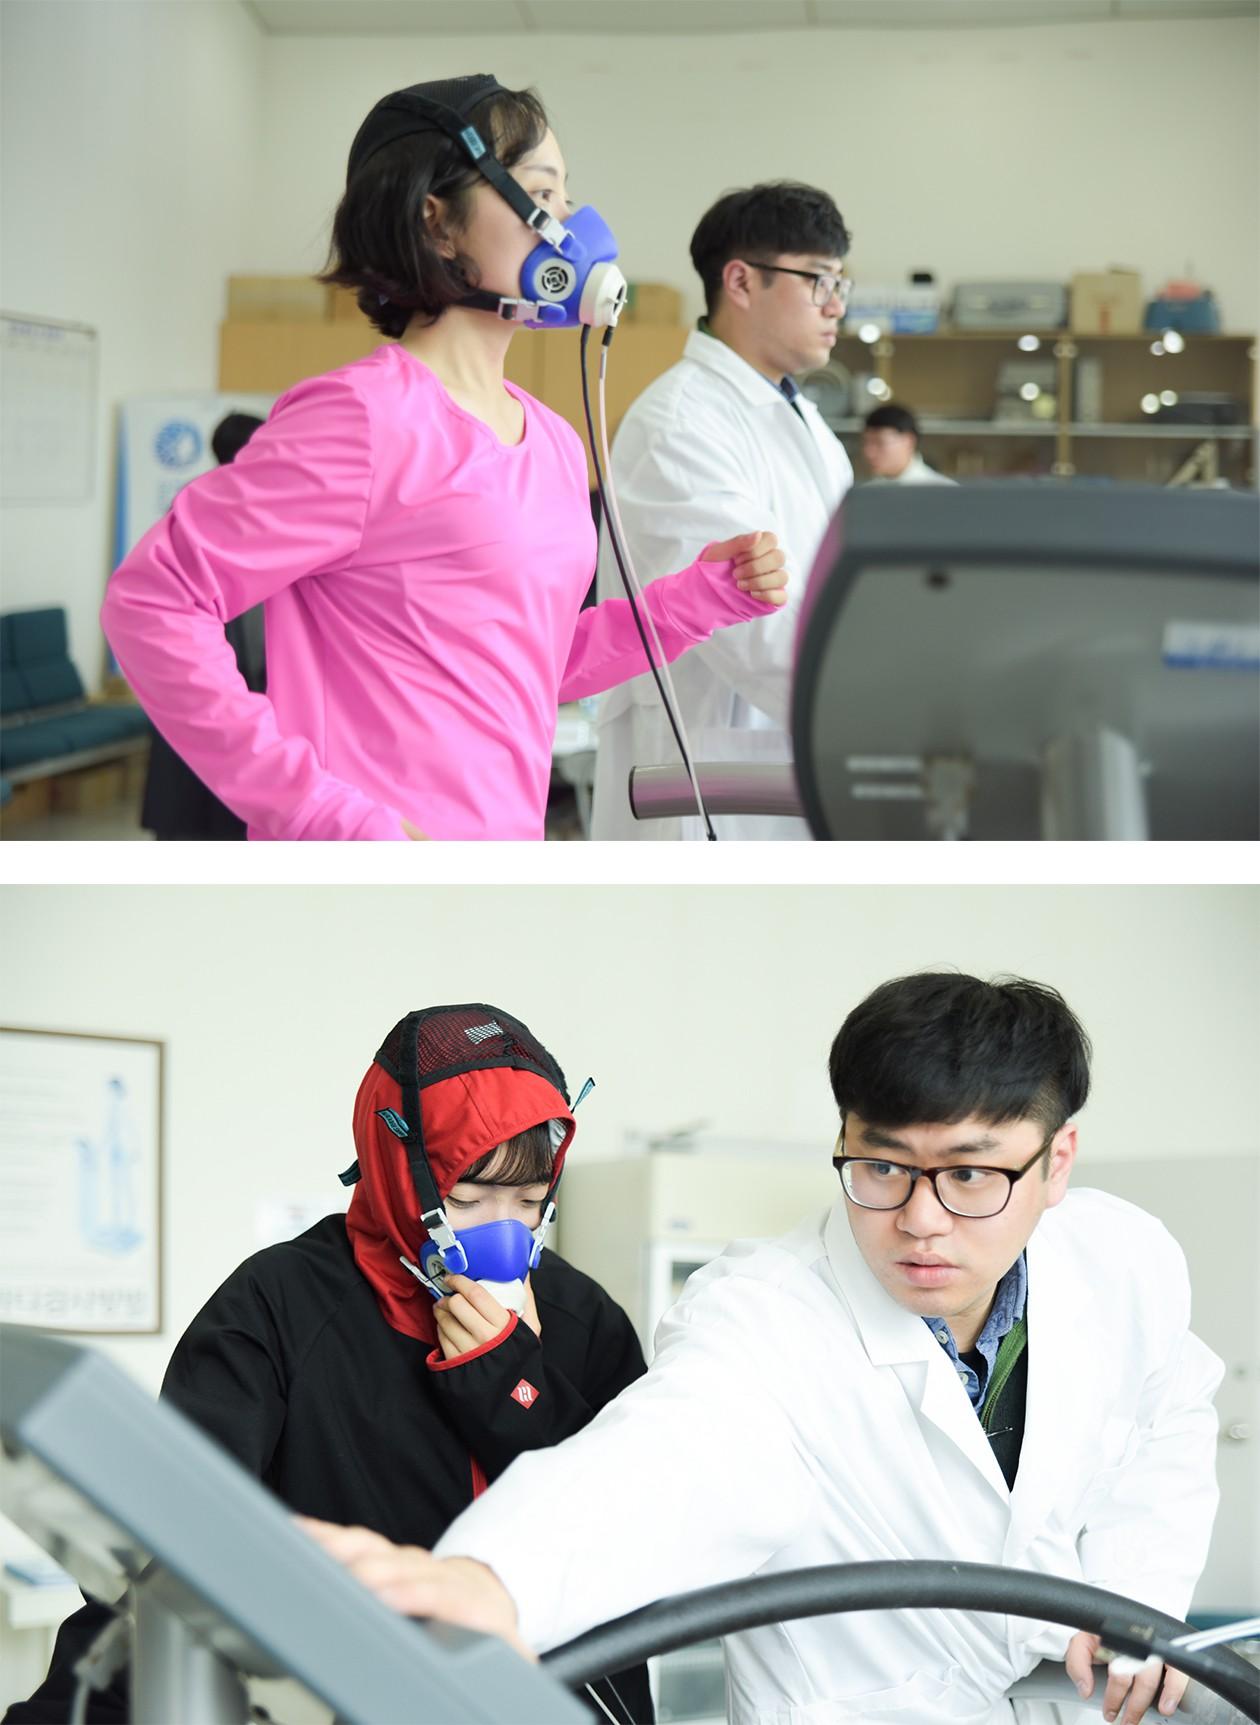 용인대학교 다이어트땀복 포인트픽스 실험 사진